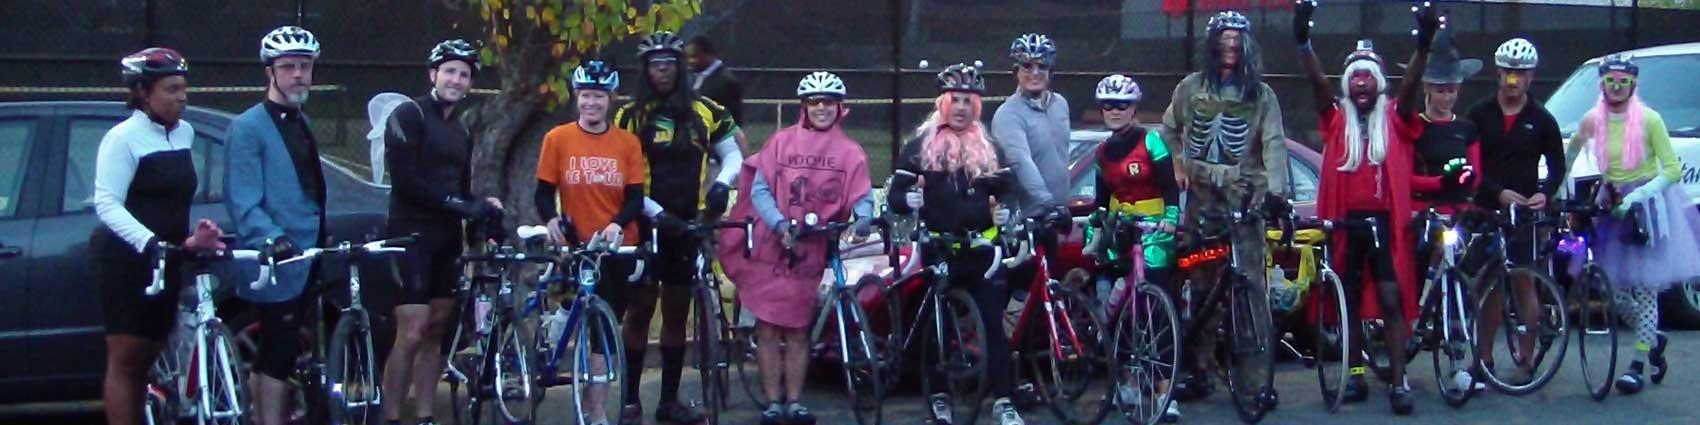 Wheel Nuts Bike Shop header rides